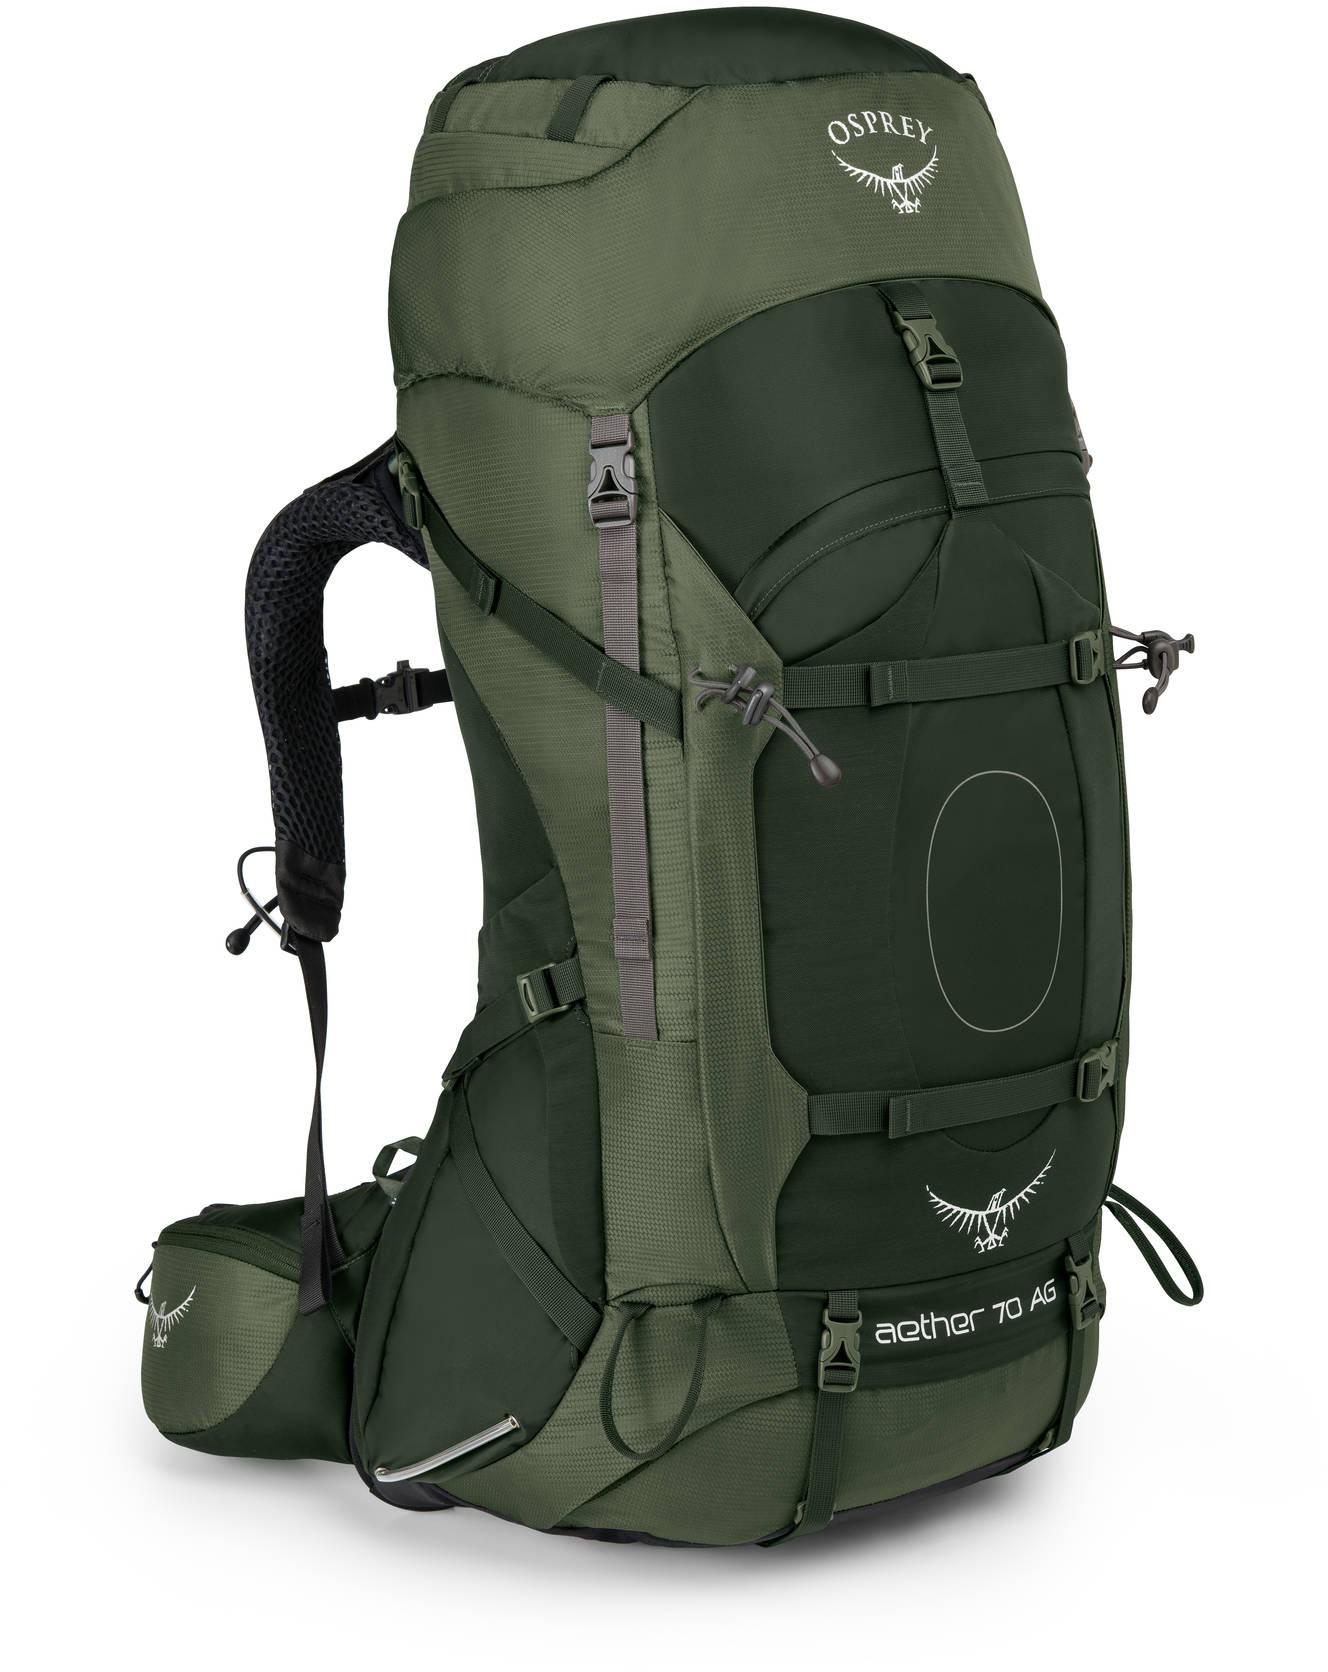 Туристические рюкзаки Рюкзак туристический Osprey Aether AG 70 Aether_AG_70_S17_Side_Adirondack_Green_web.jpg